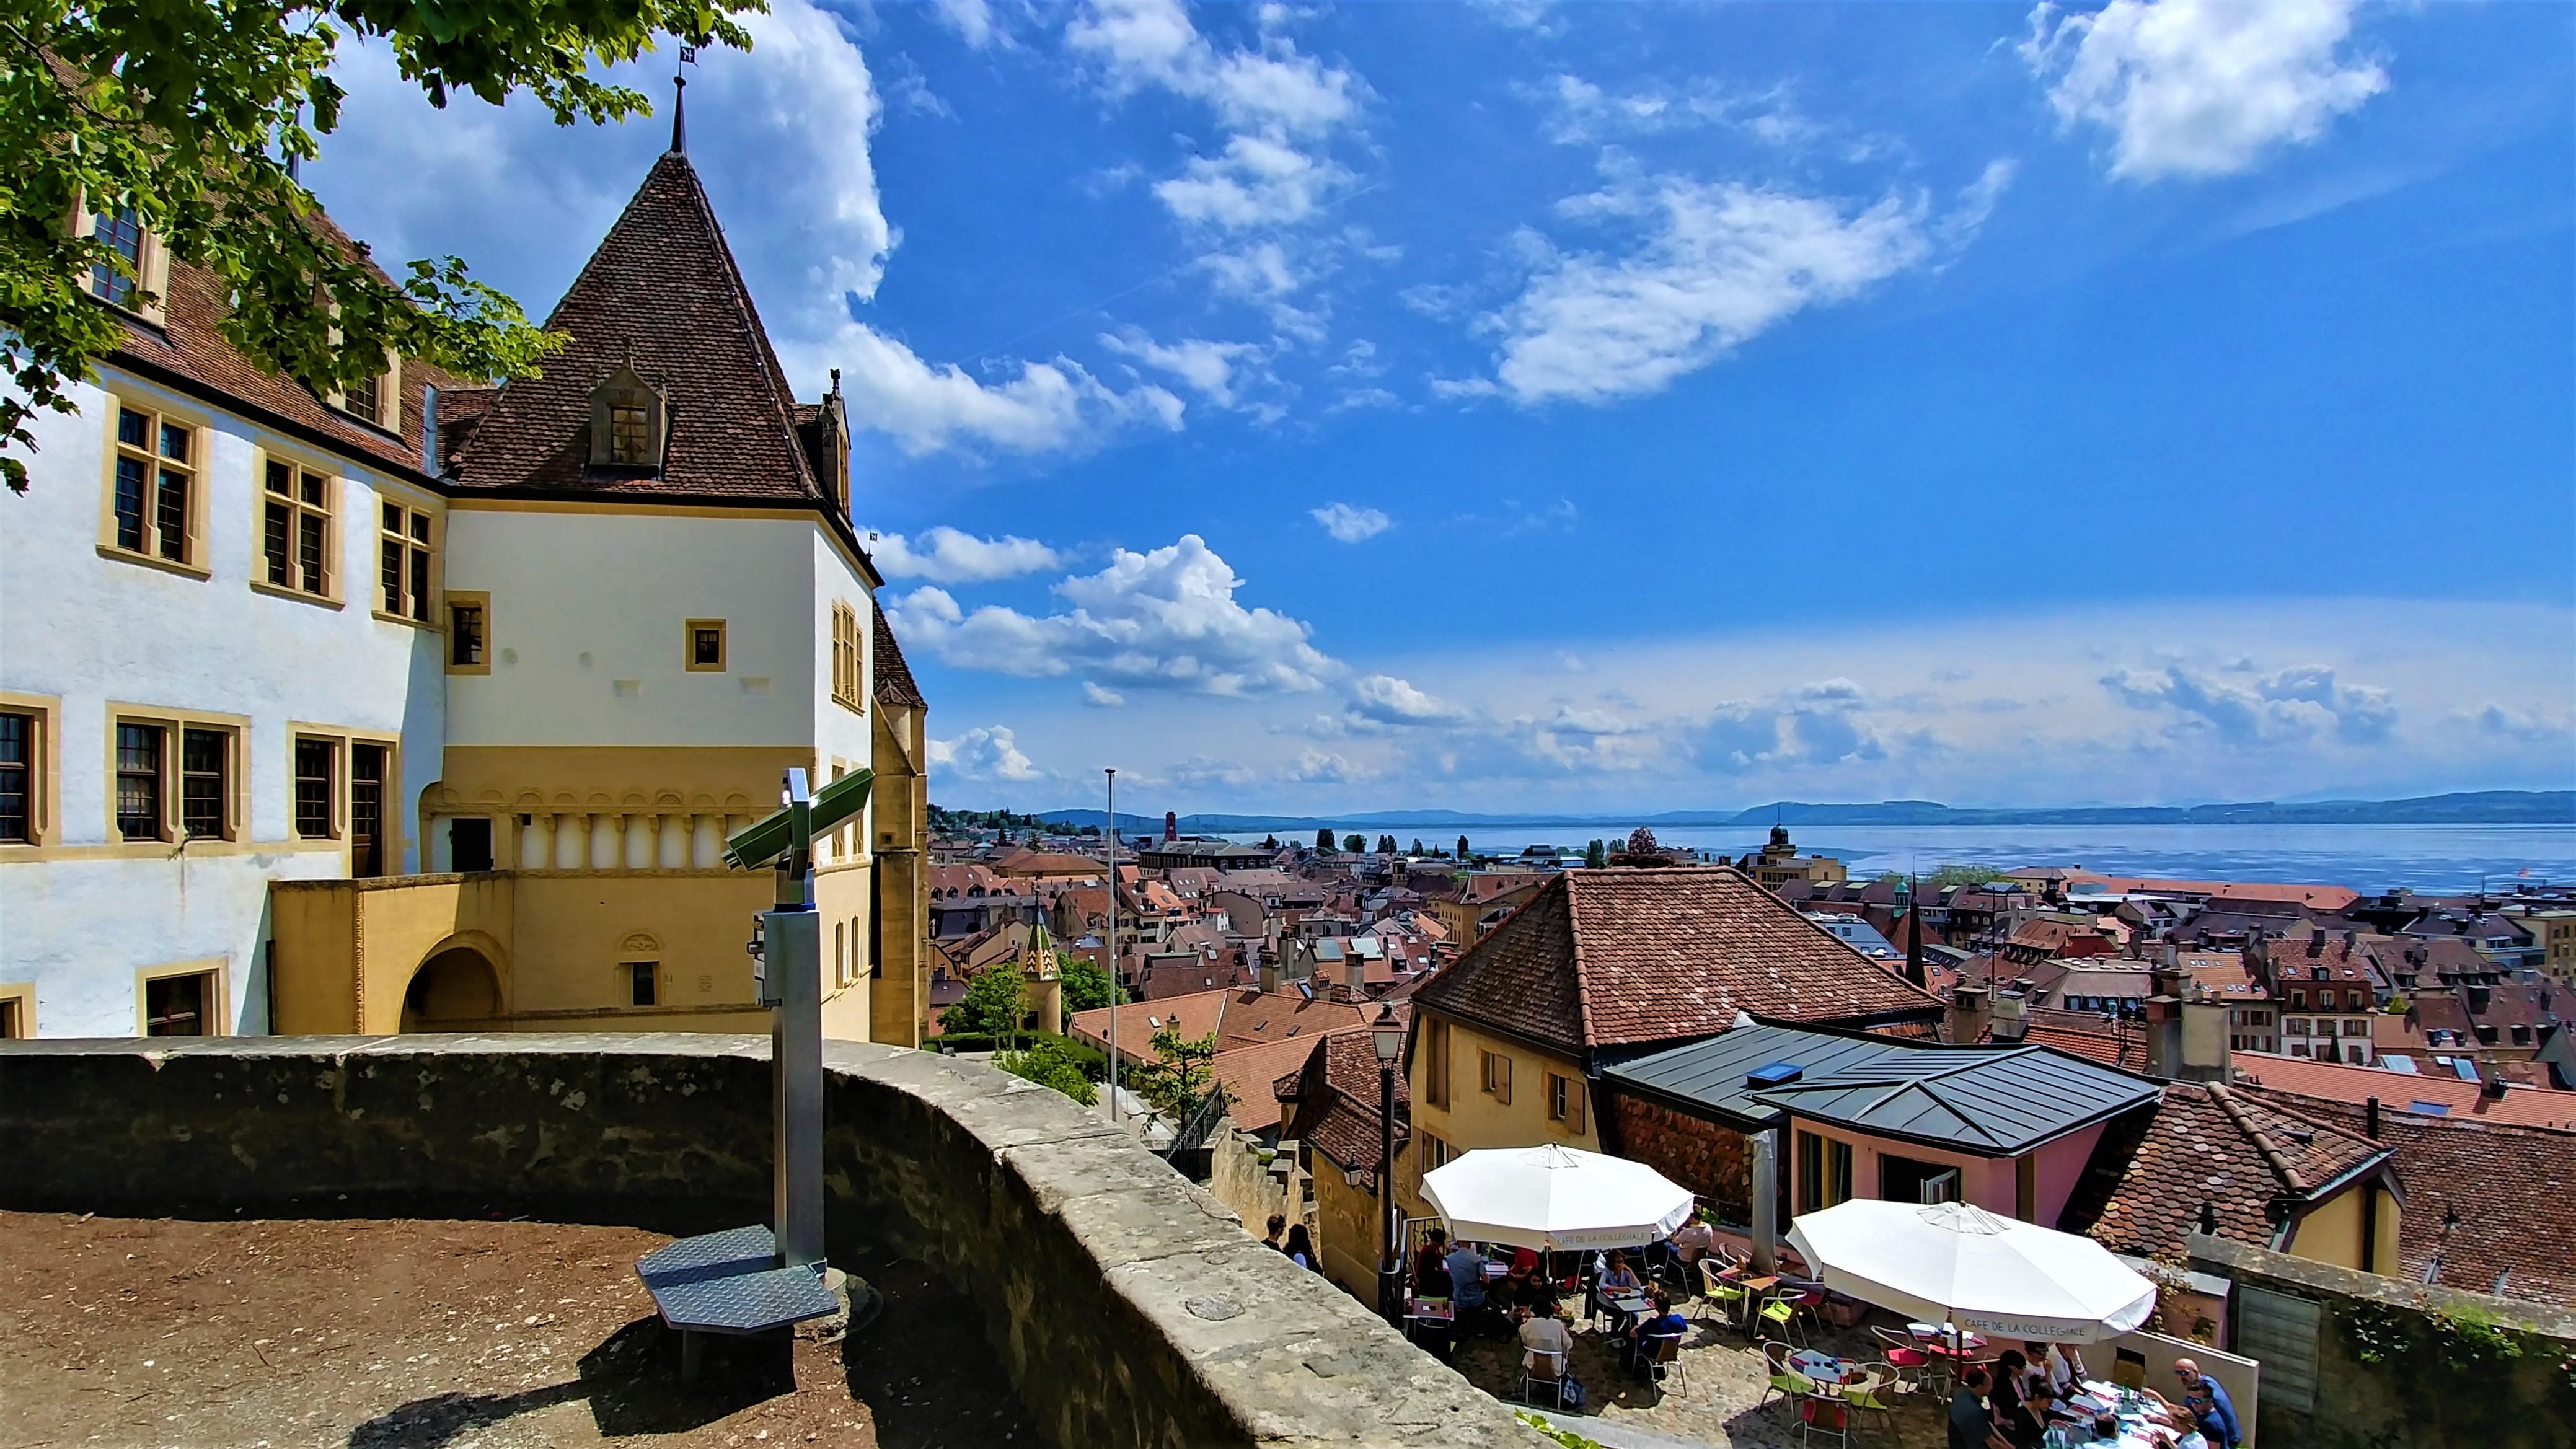 Neuchatel chateau visite a pied vieille ville blog voyage suisse arpenter le chemin